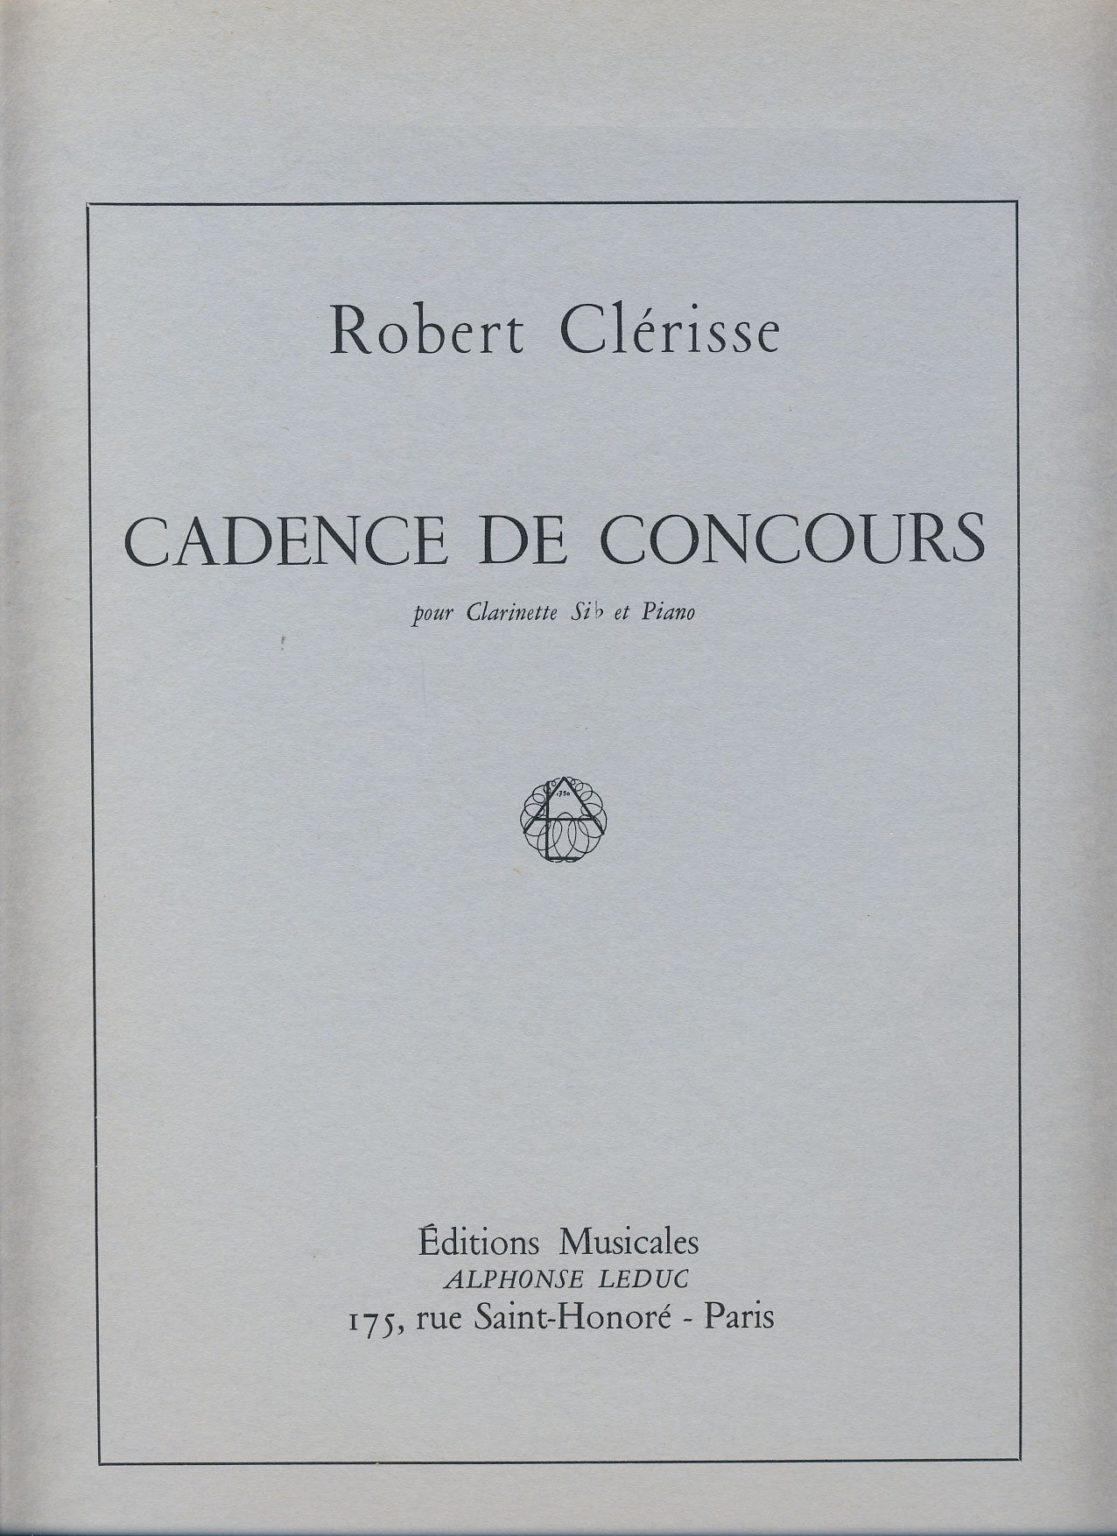 CadencedeConcours(1969)para clarinete y piano.Robert Clerisse